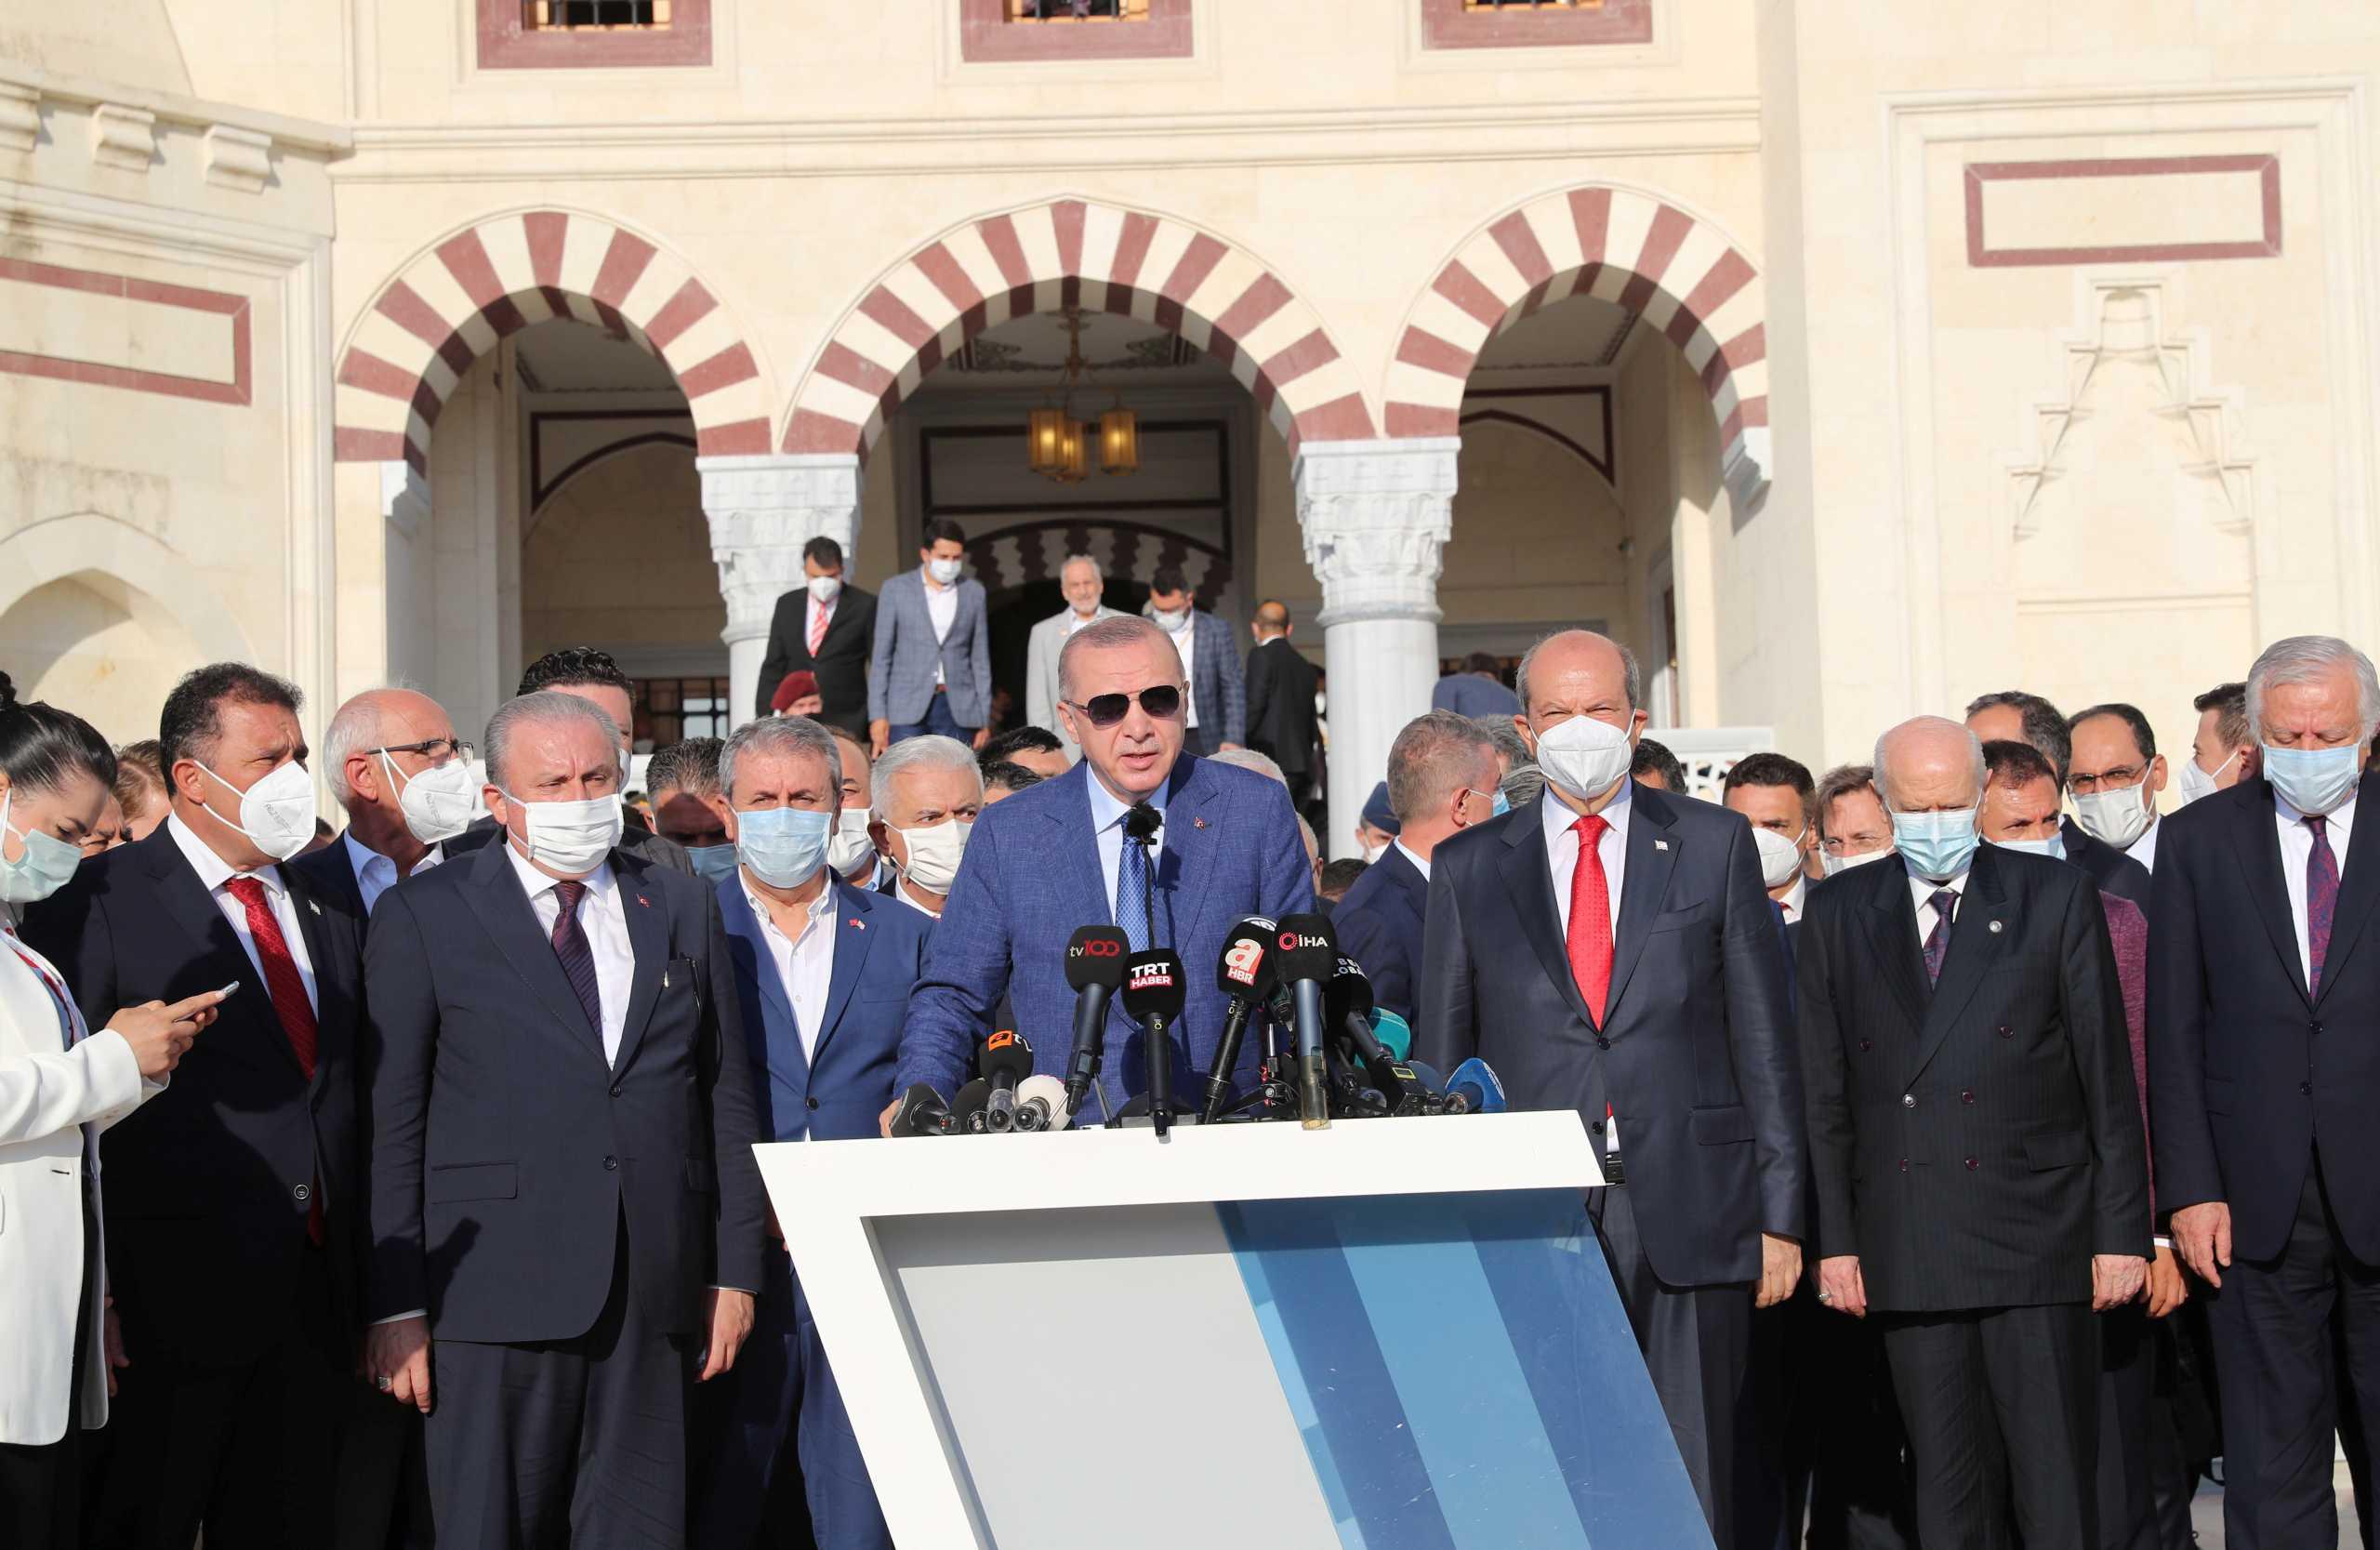 Ερντογάν και Τατάρ ανοίγουν το 3,5% της Αμμοχώστου